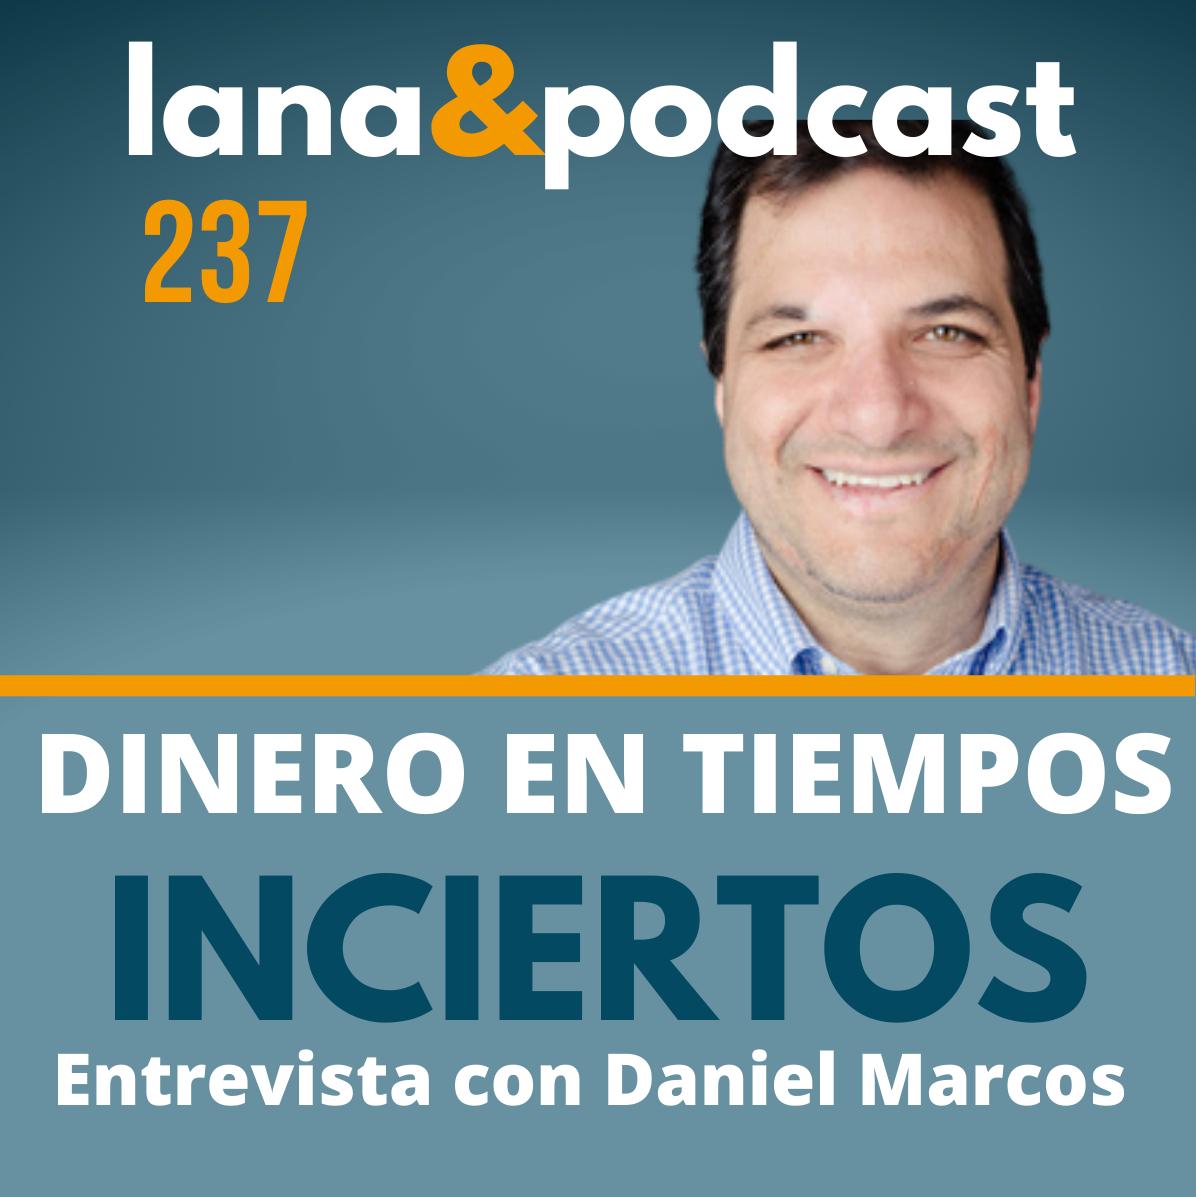 Cómo mejorar el manejo de dinero en tiempos inciertos. Entrevista con Daniel Marcos #237